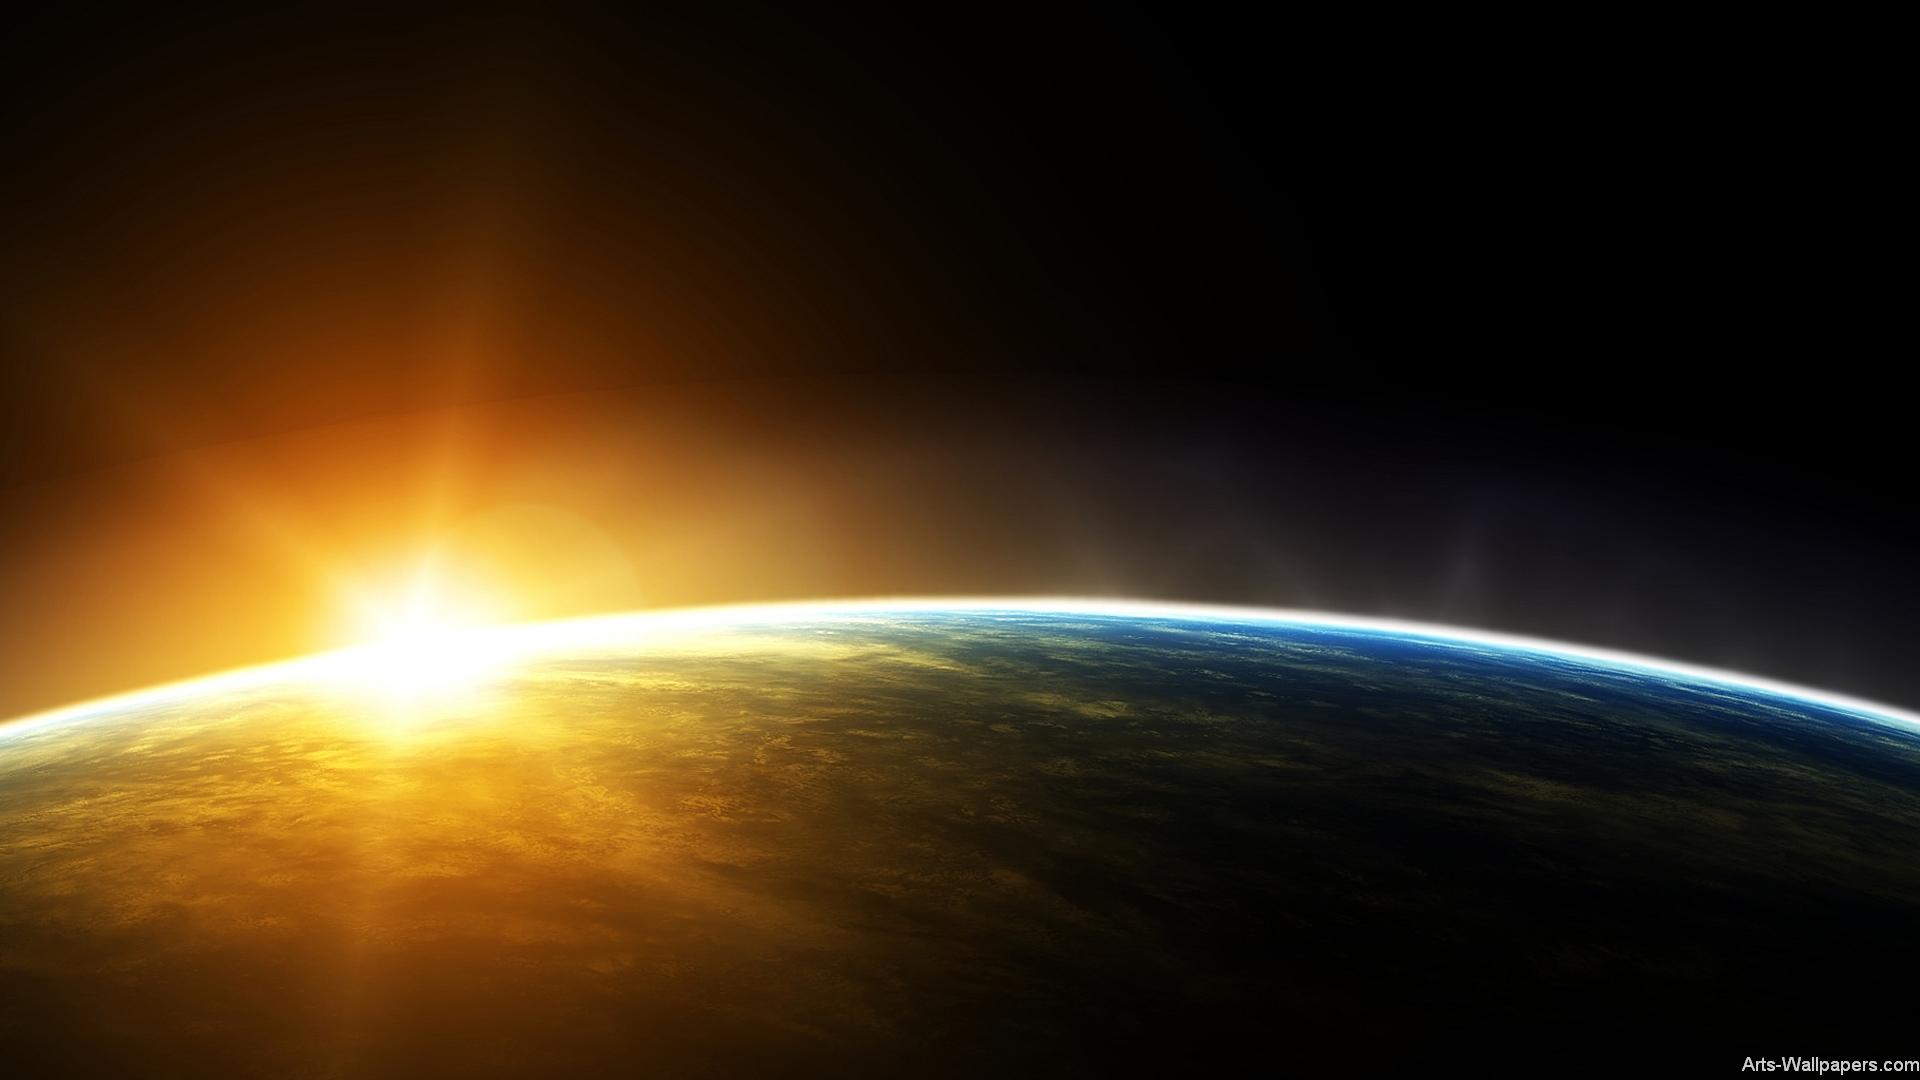 Обои планета космос орбита картинки на рабочий стол на тему Космос - скачать  № 1757033  скачать